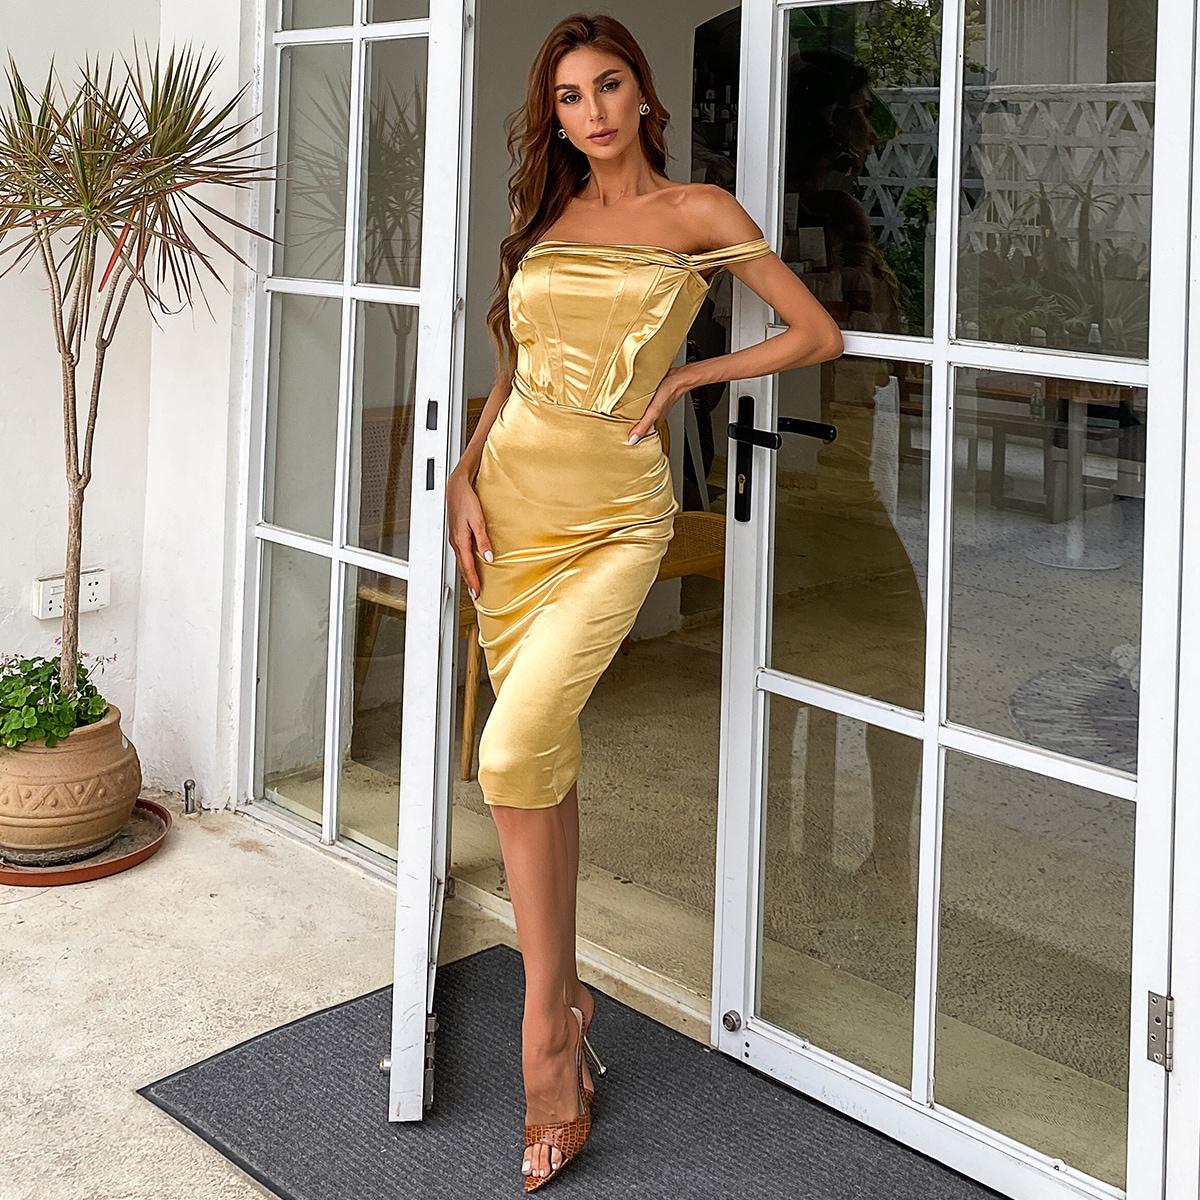 Платье с открытыми плечами шовом спереди из атласа SheIn swdress31210609500